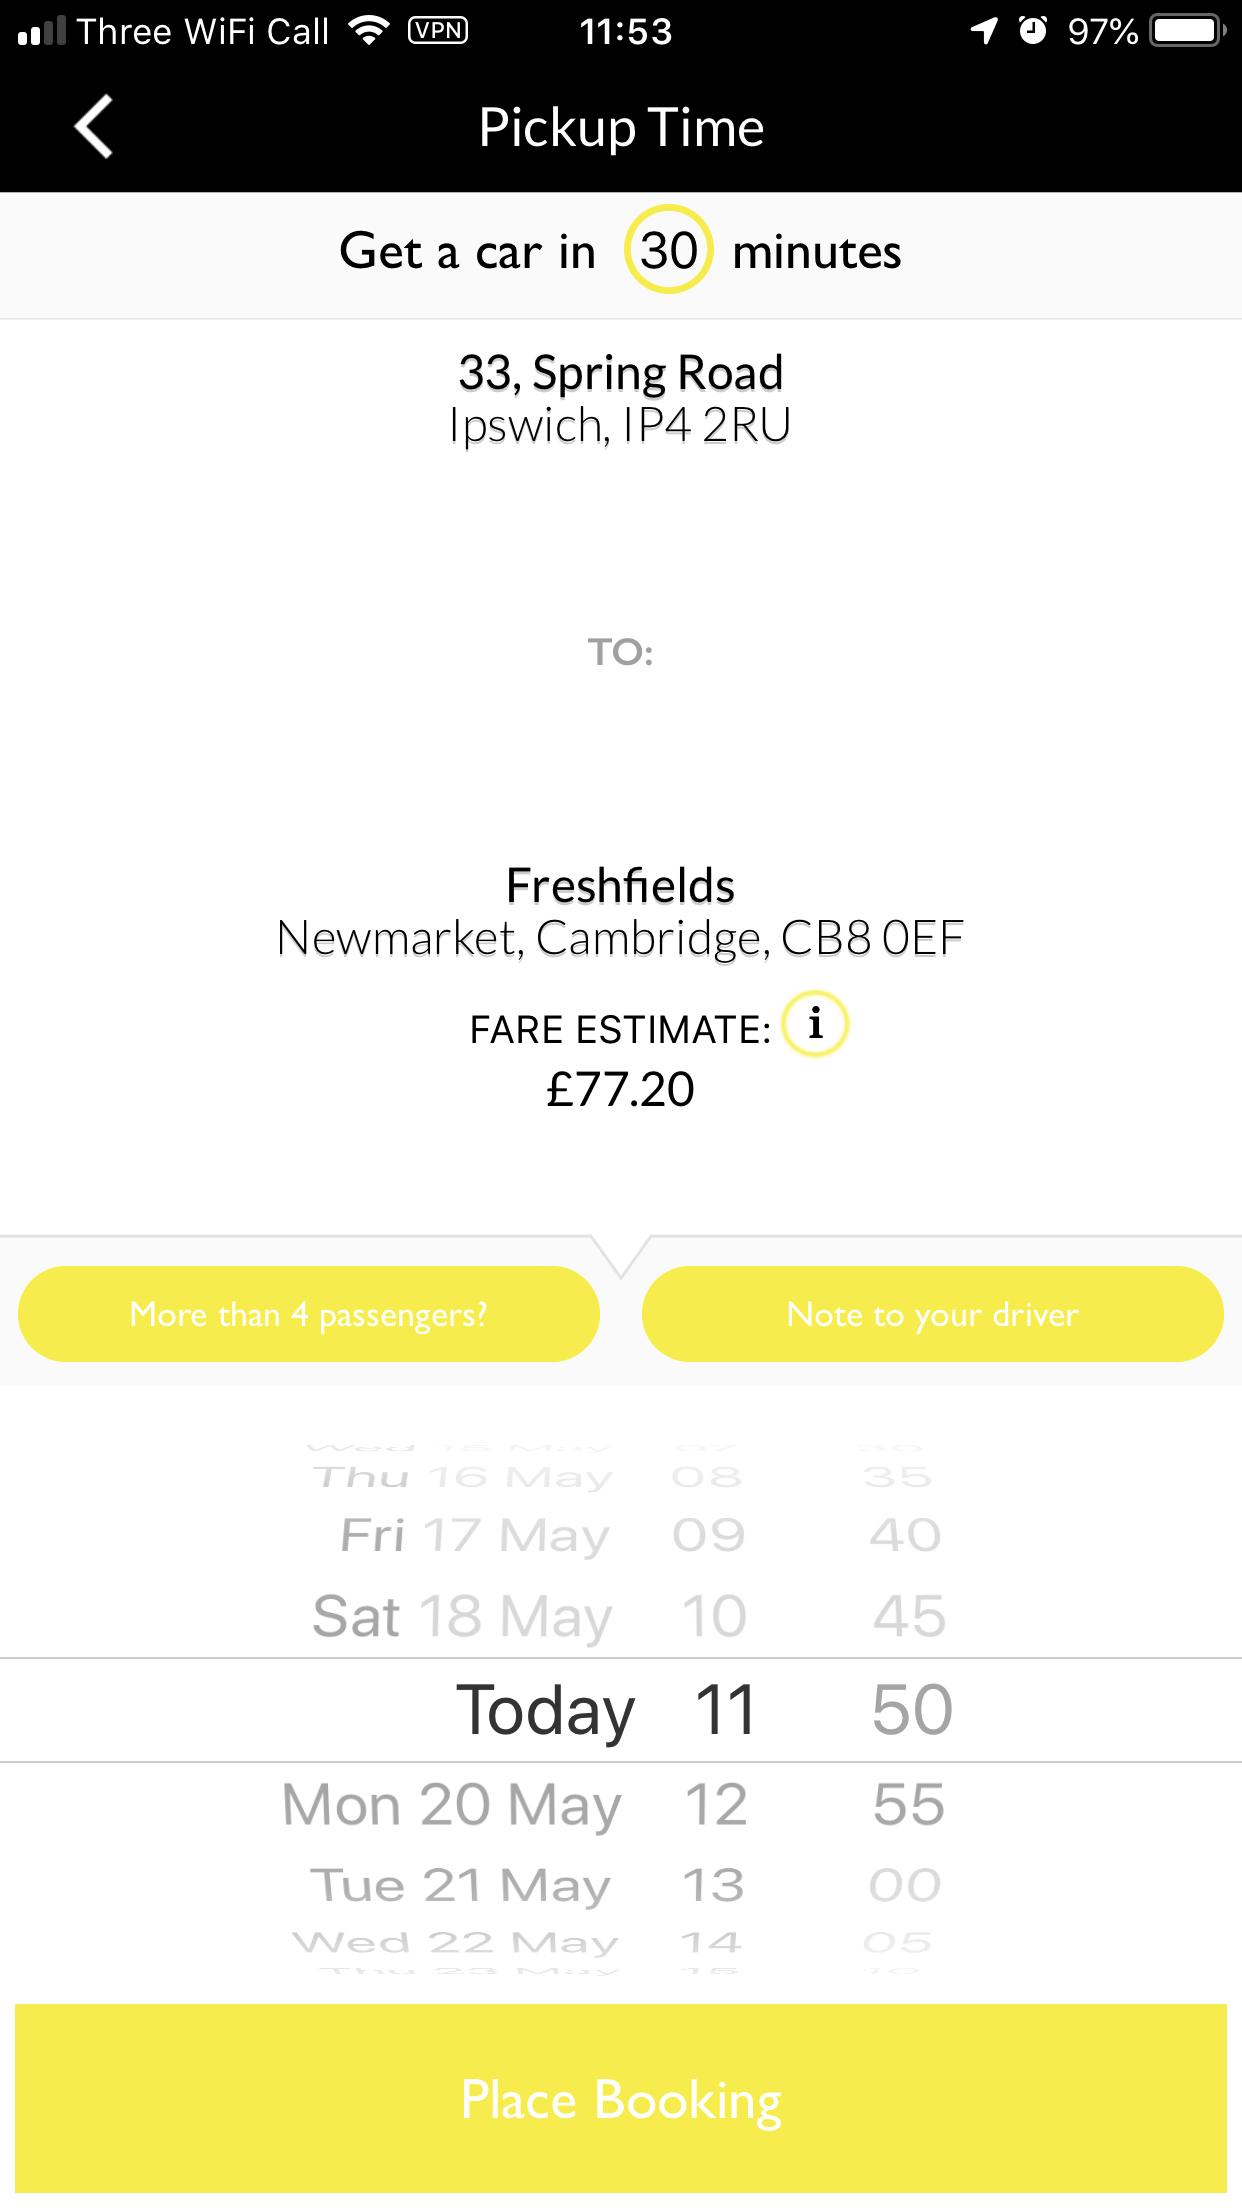 Newtax Taxi App pick up times